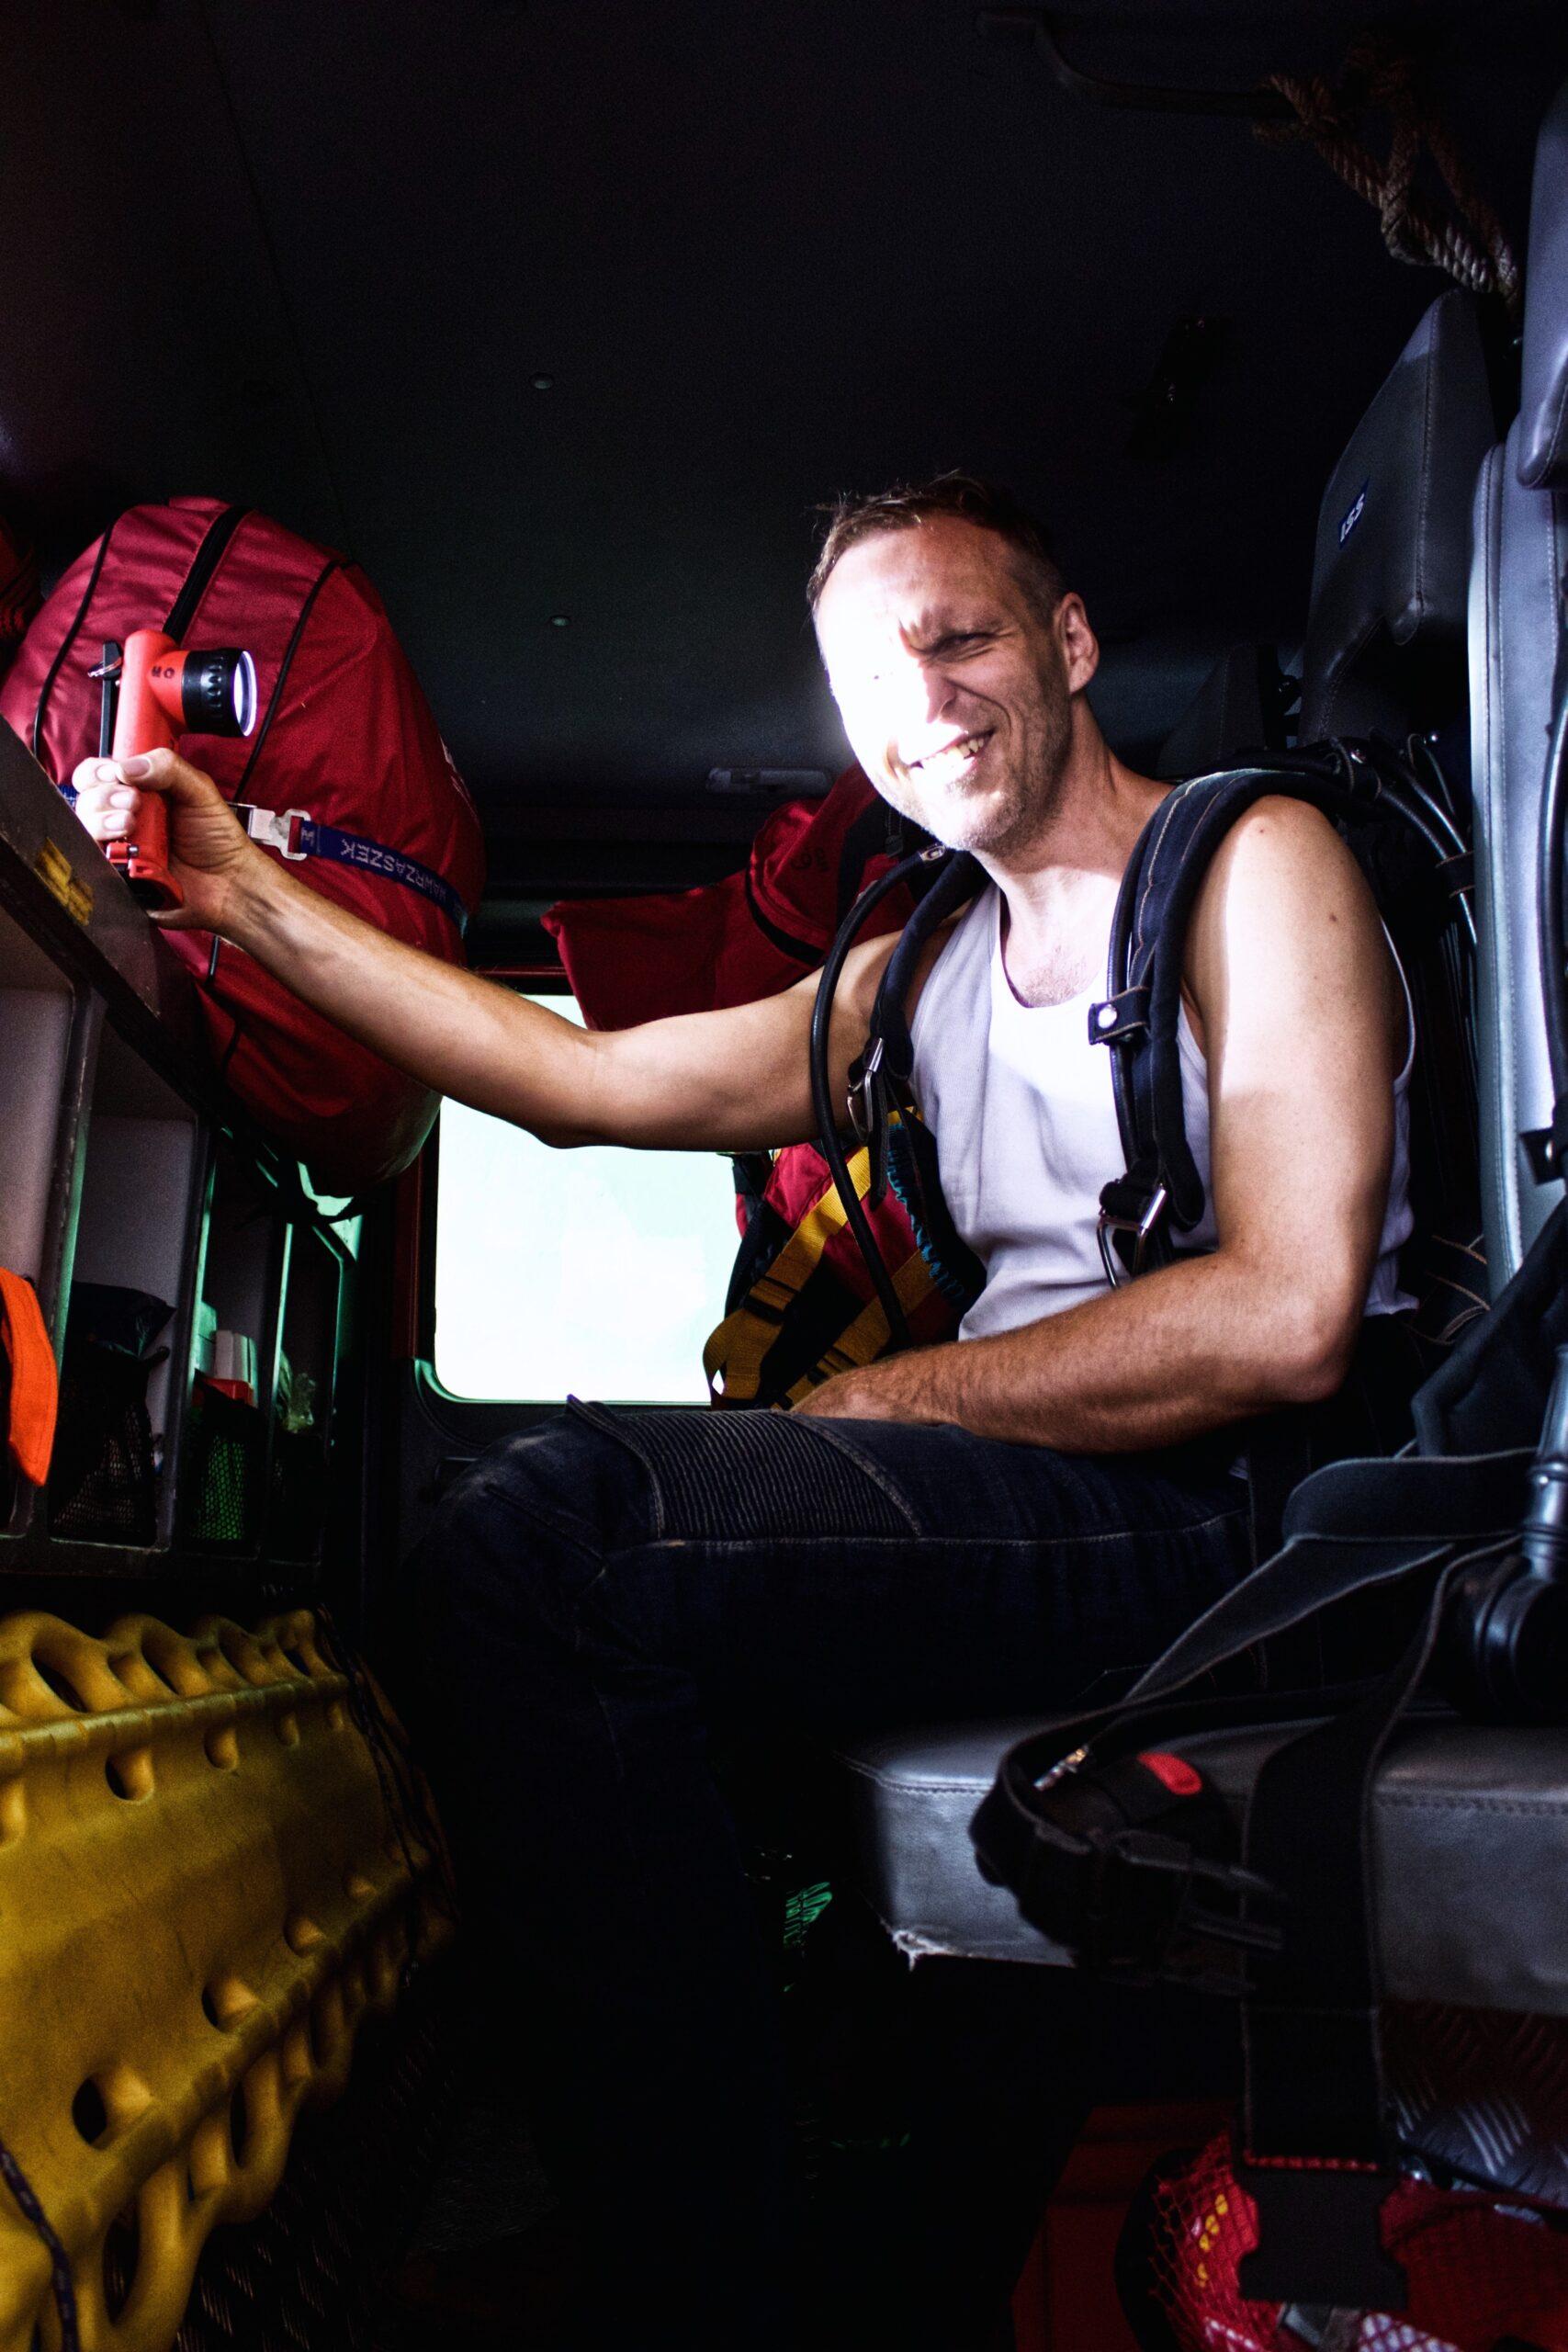 Hasič Honzo sa nechcel fotiť, tak musel zaskočiť redaktor Honzo Strmisko. V kabíne sú integrované dýchacie prístroje. Oblečiete si to priamo za jazdy. Stlačíte gombík, natiahnete si to ako batoh na chrbát a on potom vyskočí. Je v tom vzduchová fľaša.